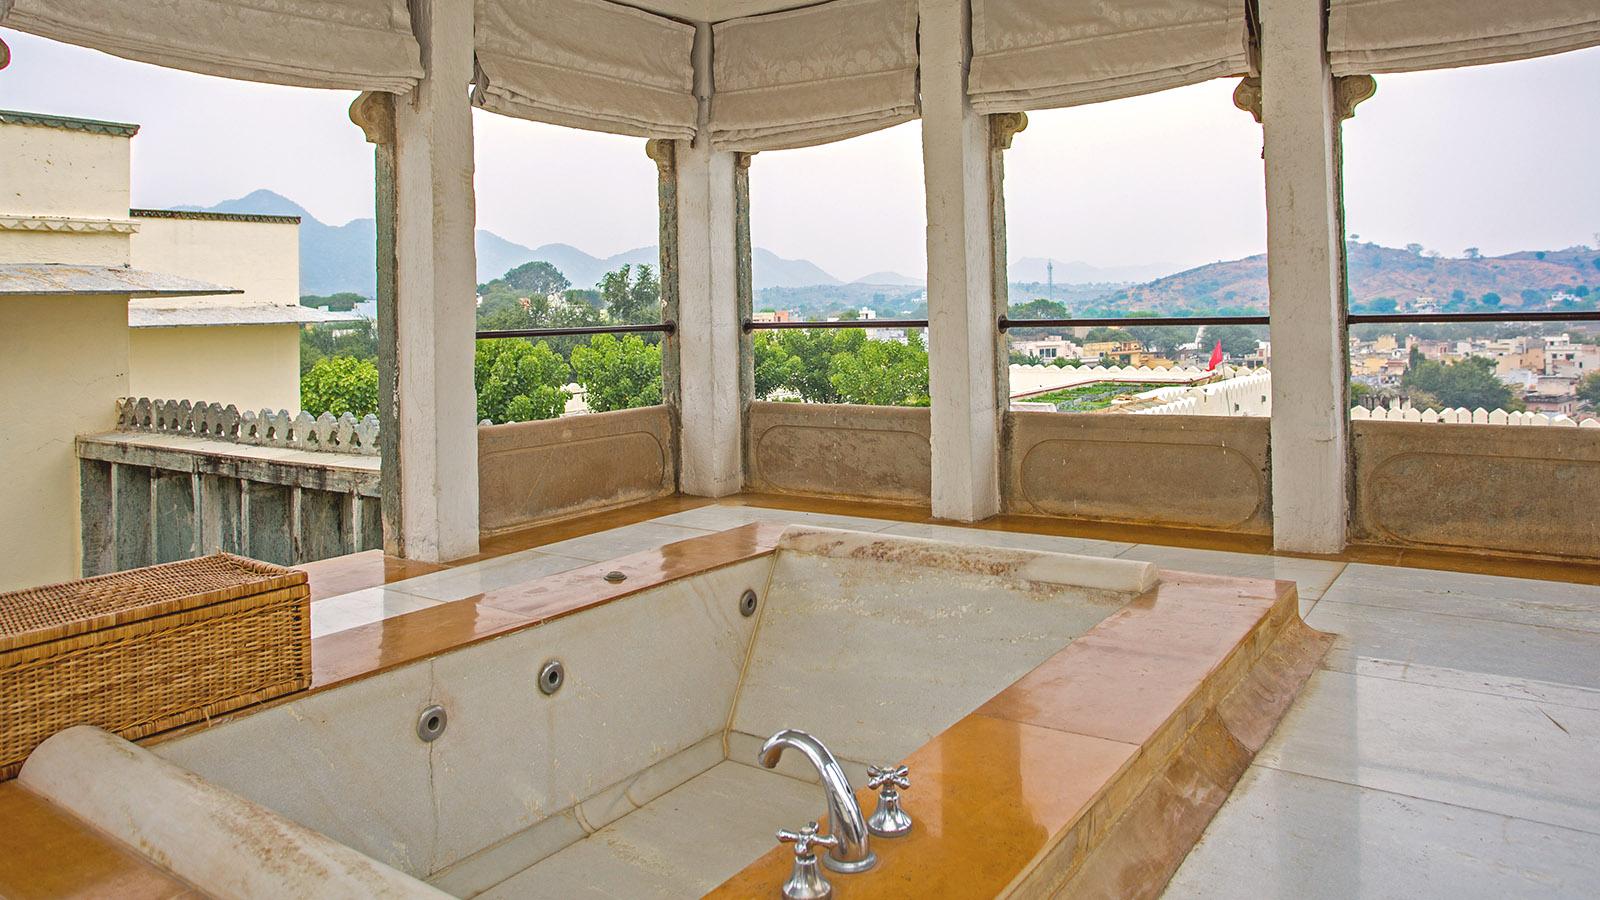 Devigarh-Suite-RAAS-Hotel-devigarh-Rajasthan-02